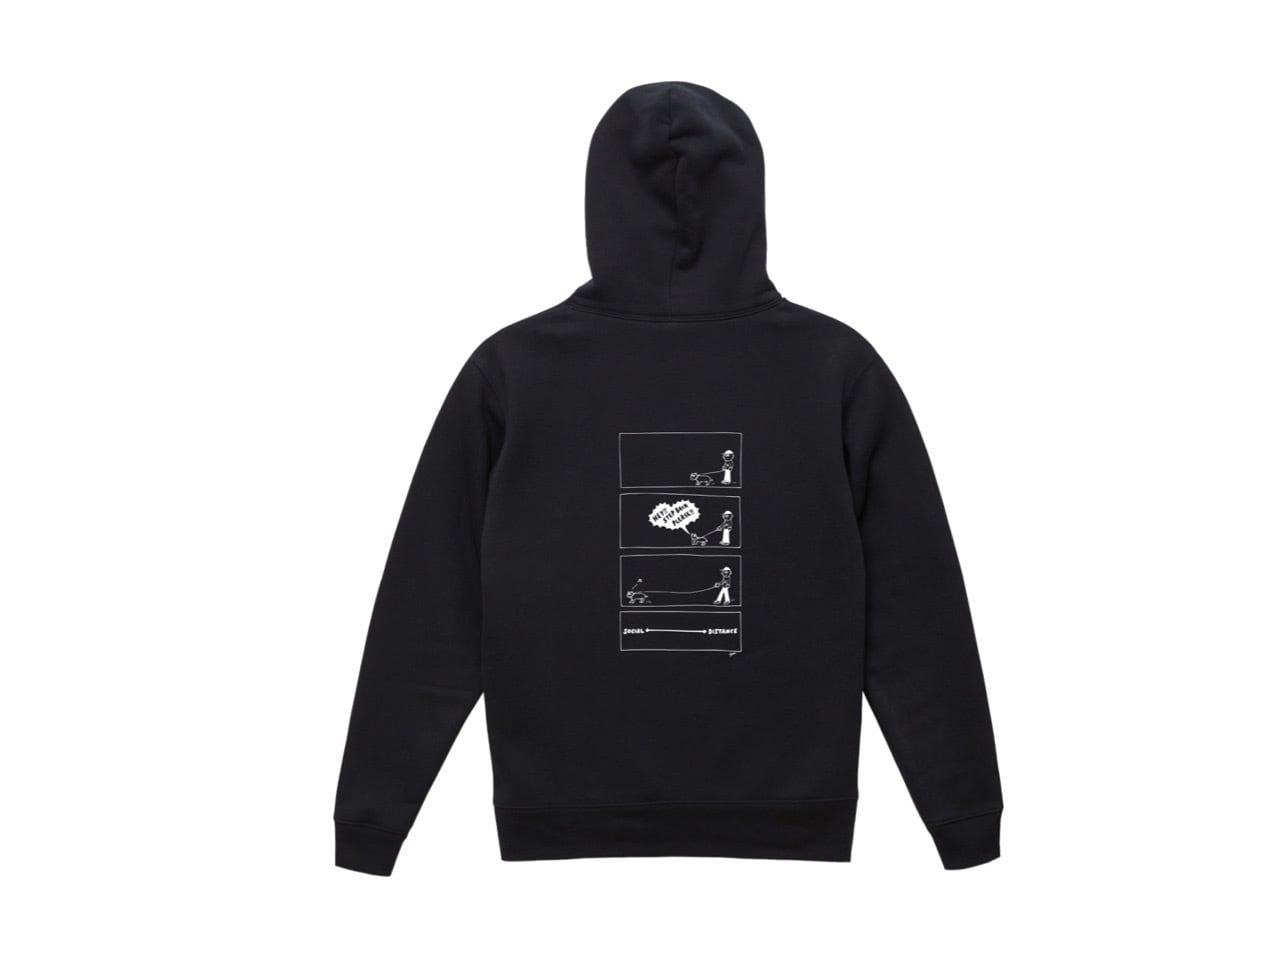 SHI × coguchi Dog SD hoodie (BLK/WH)